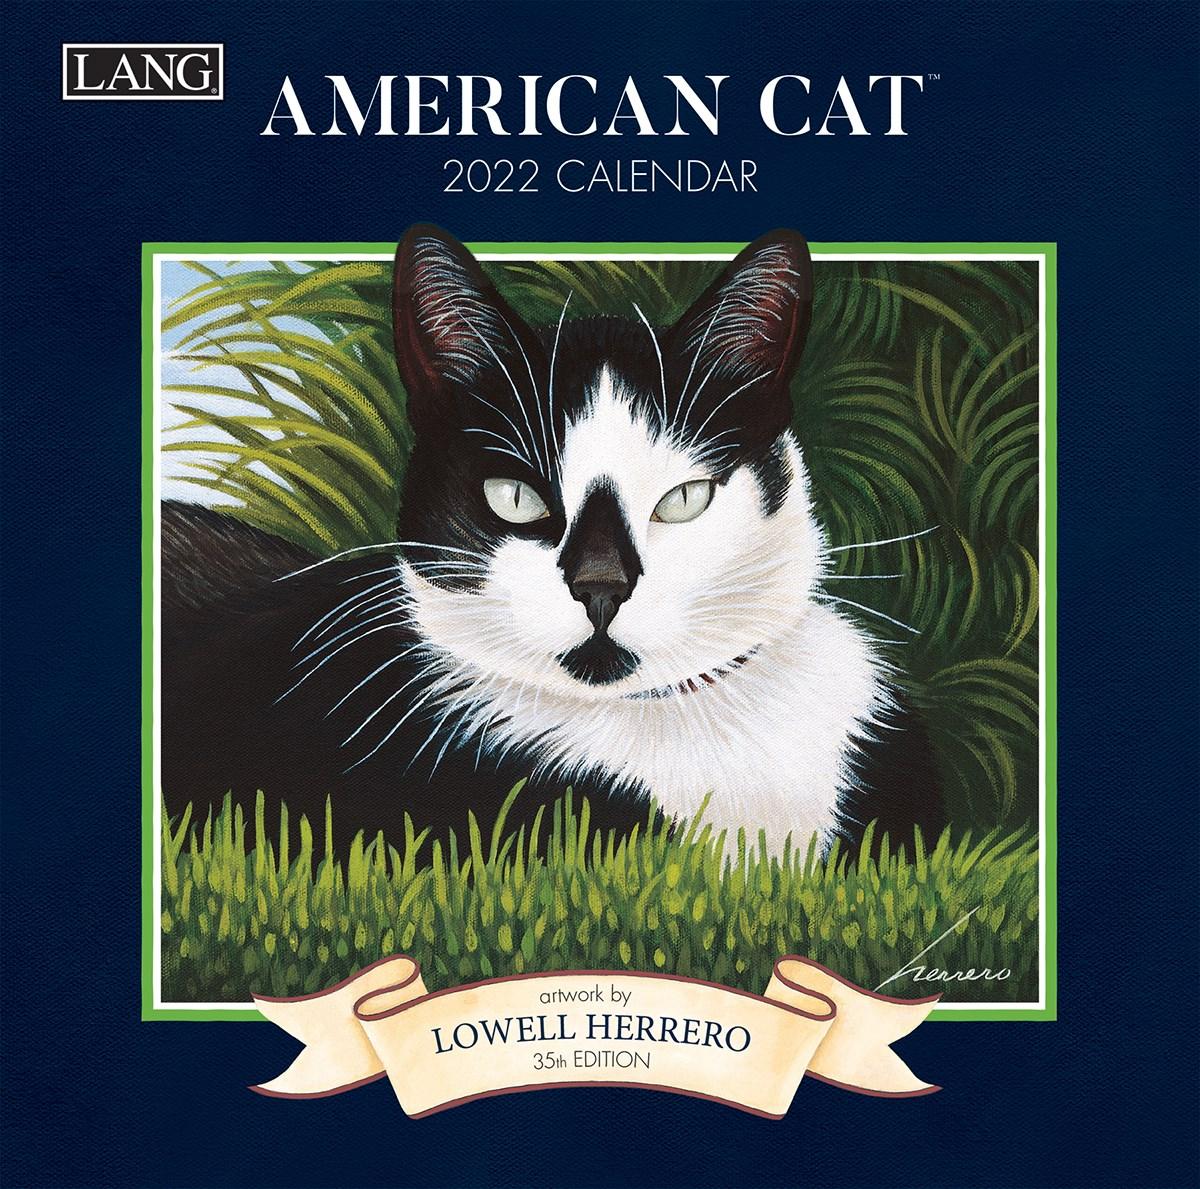 2022 Cat Calendar.American Cat 2022 Mini Wall Calendar Lang Companies Cma California Marketing Associates